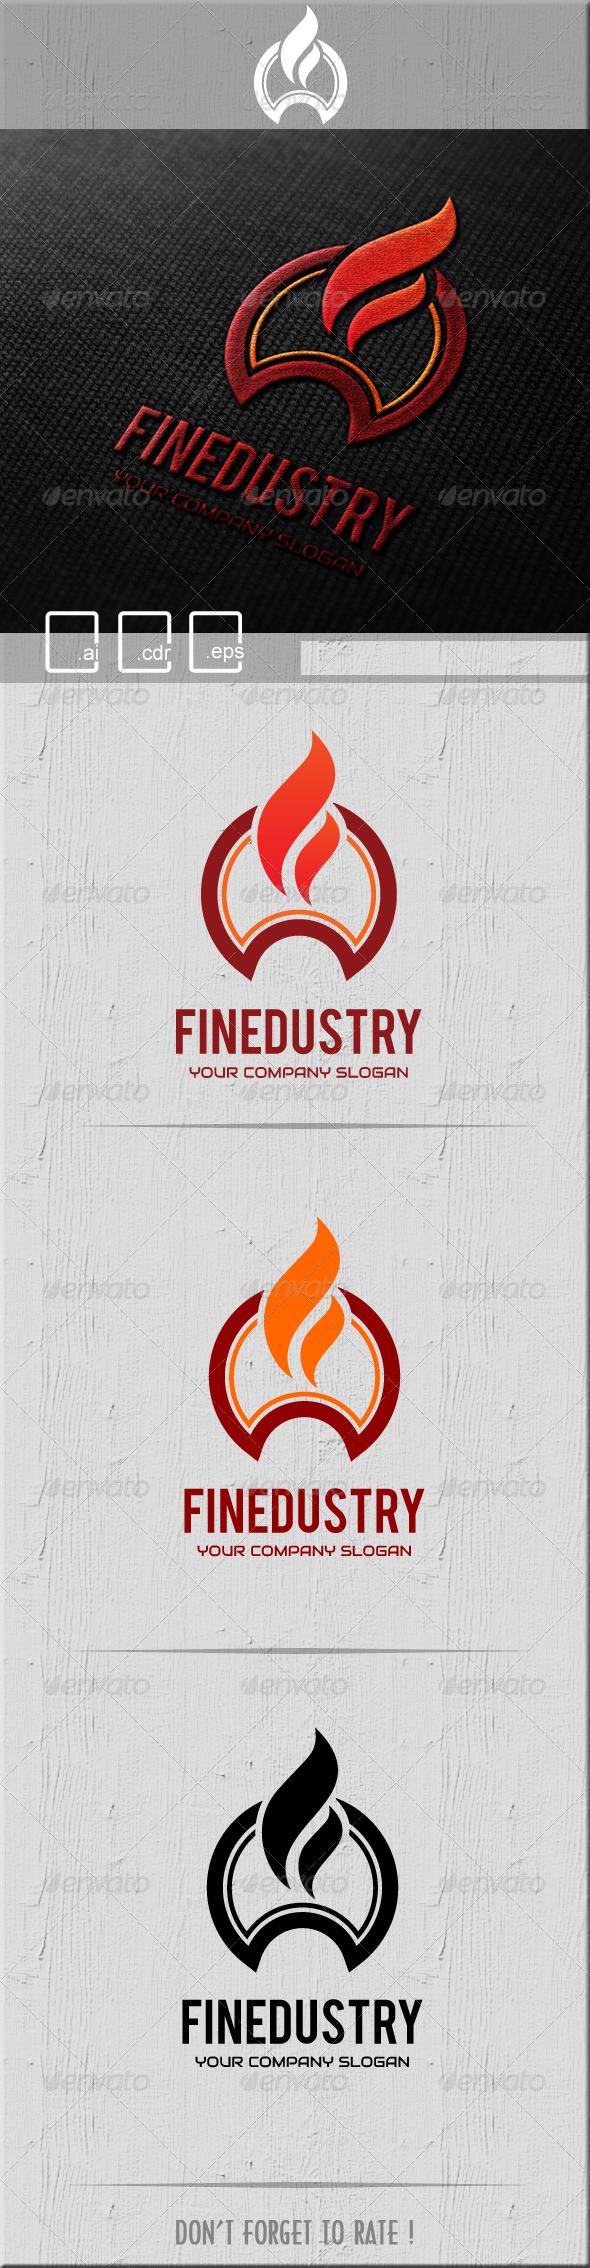 GraphicRiver Finedustry Logo 5289436